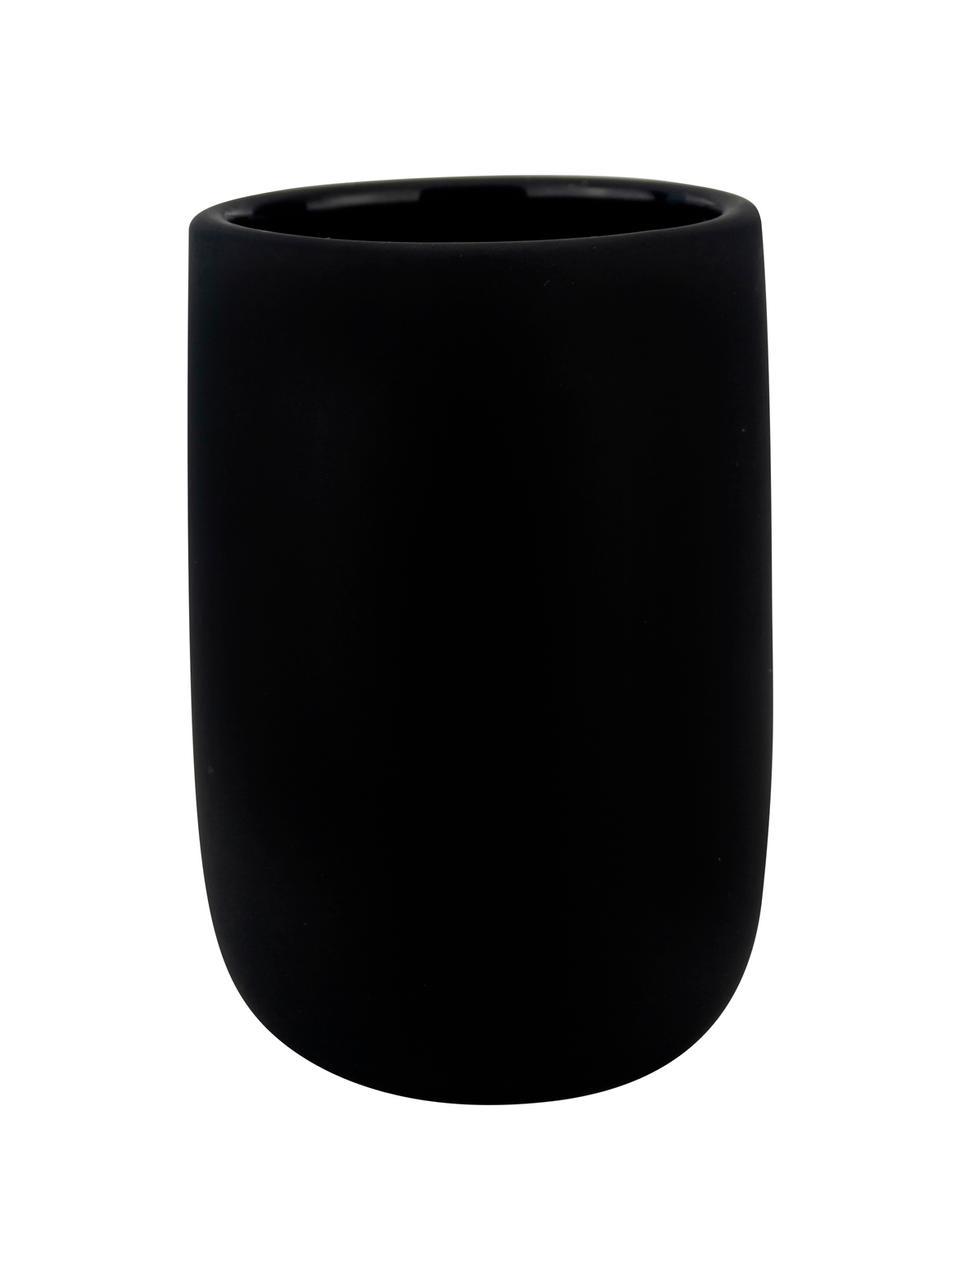 Keramik-Zahnputzbecher Lotus, Keramik, Schwarz, Ø 7 x H 10 cm